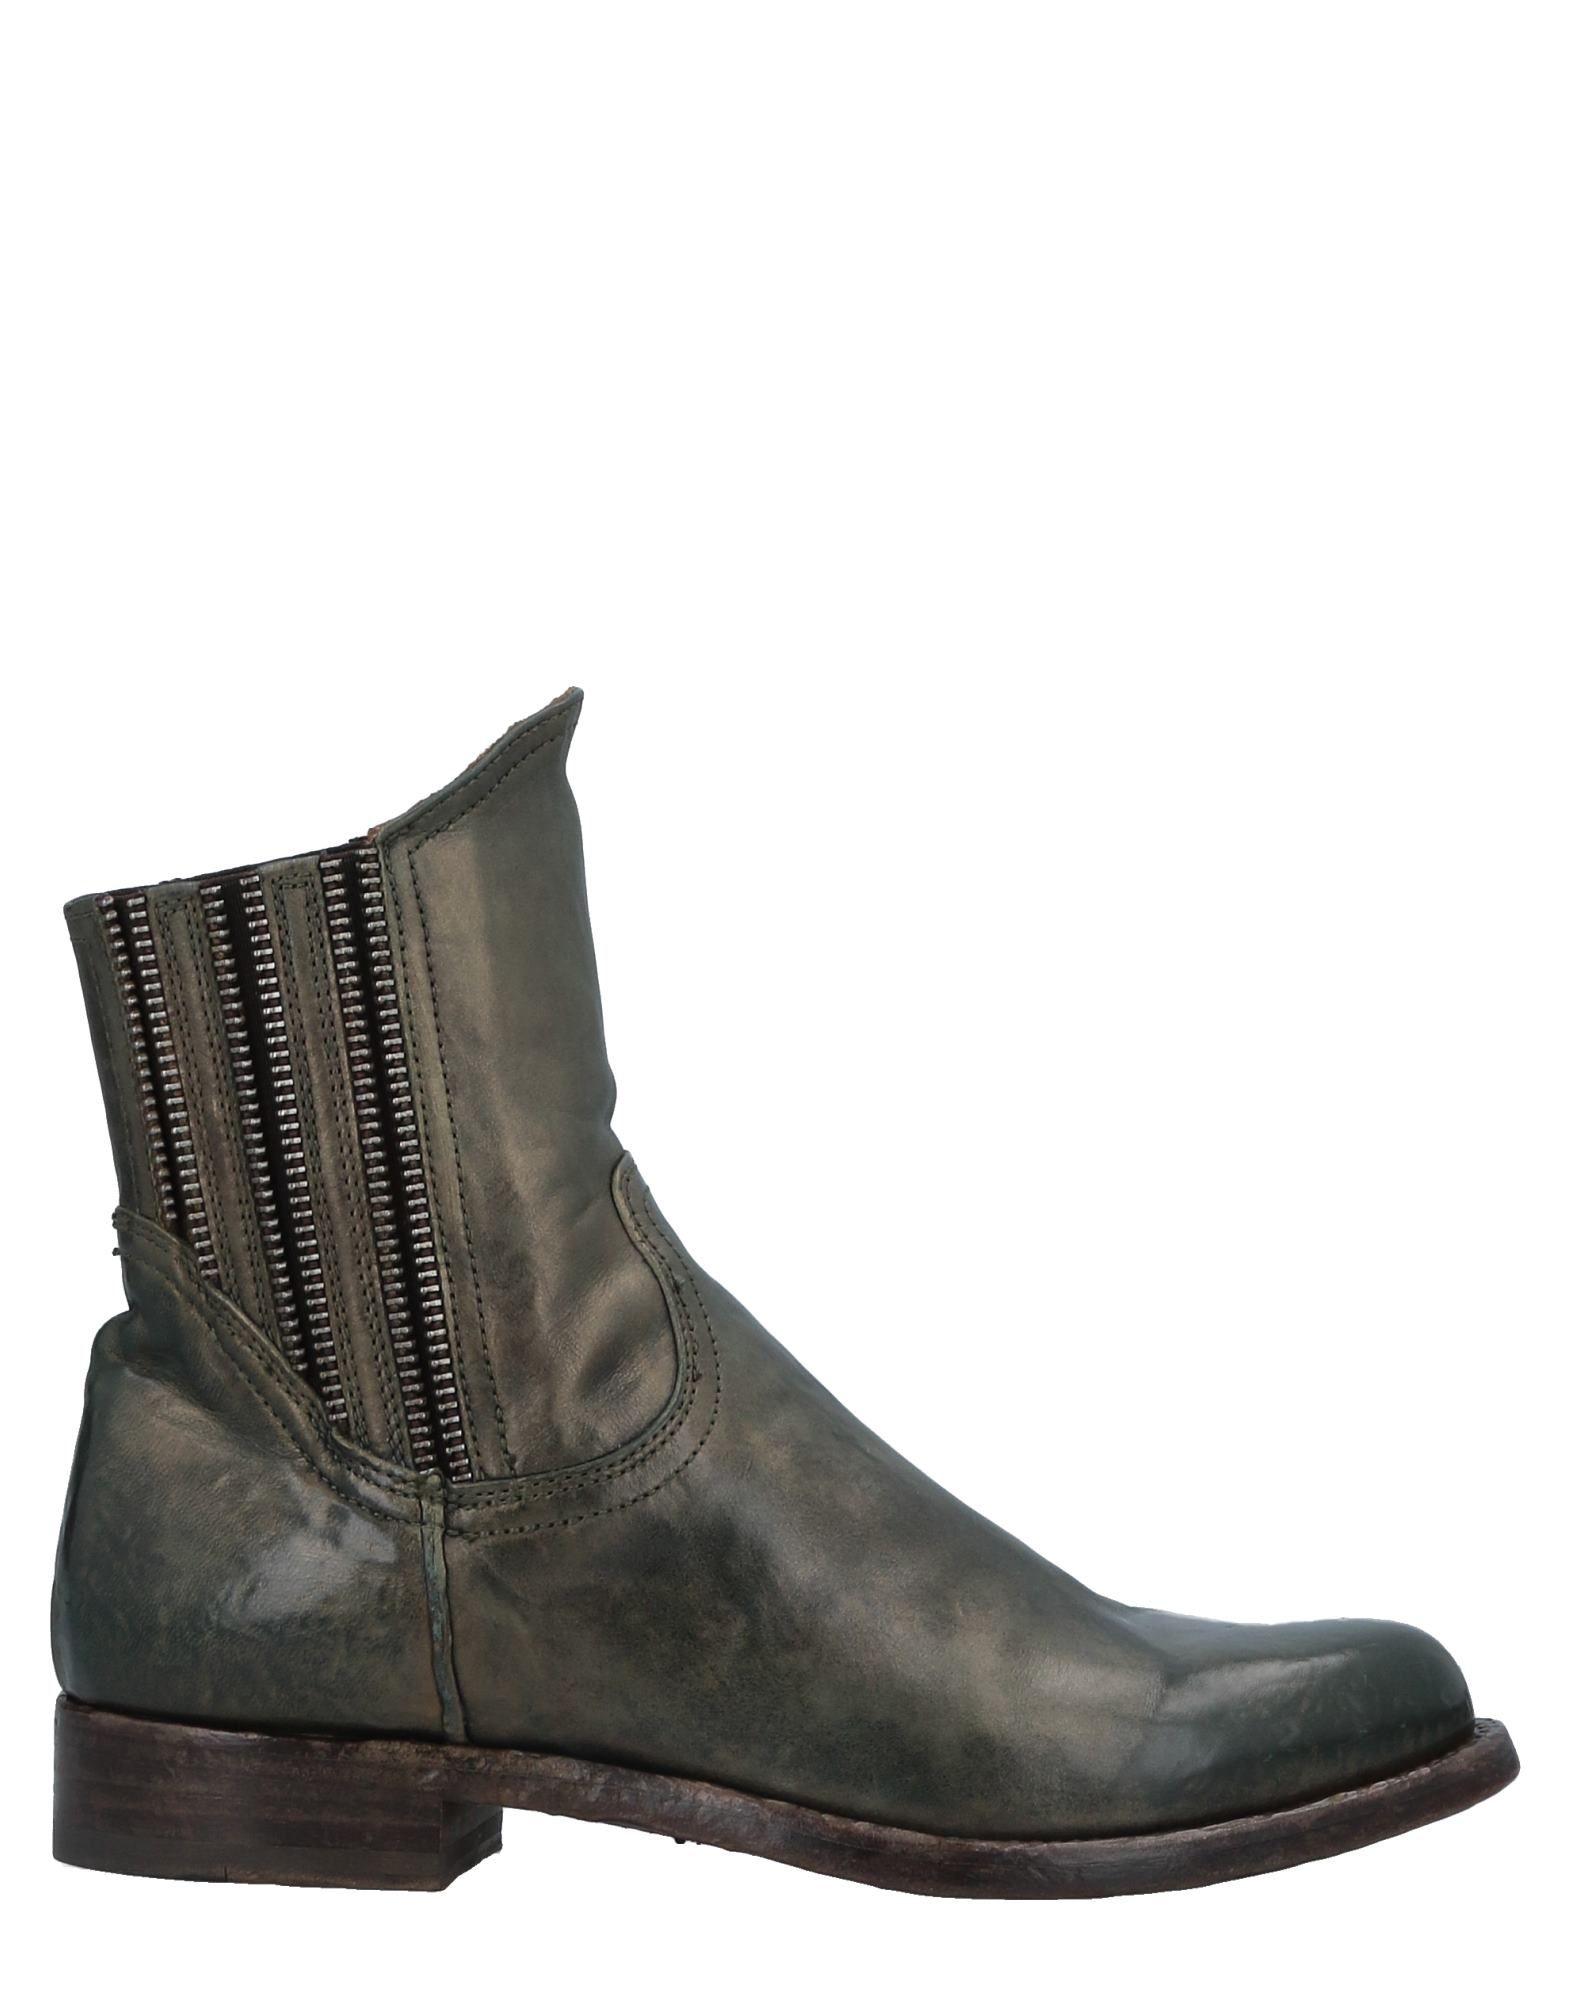 Officine Creative Italia Stiefelette Damen Schuhe  11513369CBGünstige gut aussehende Schuhe Damen 90c362